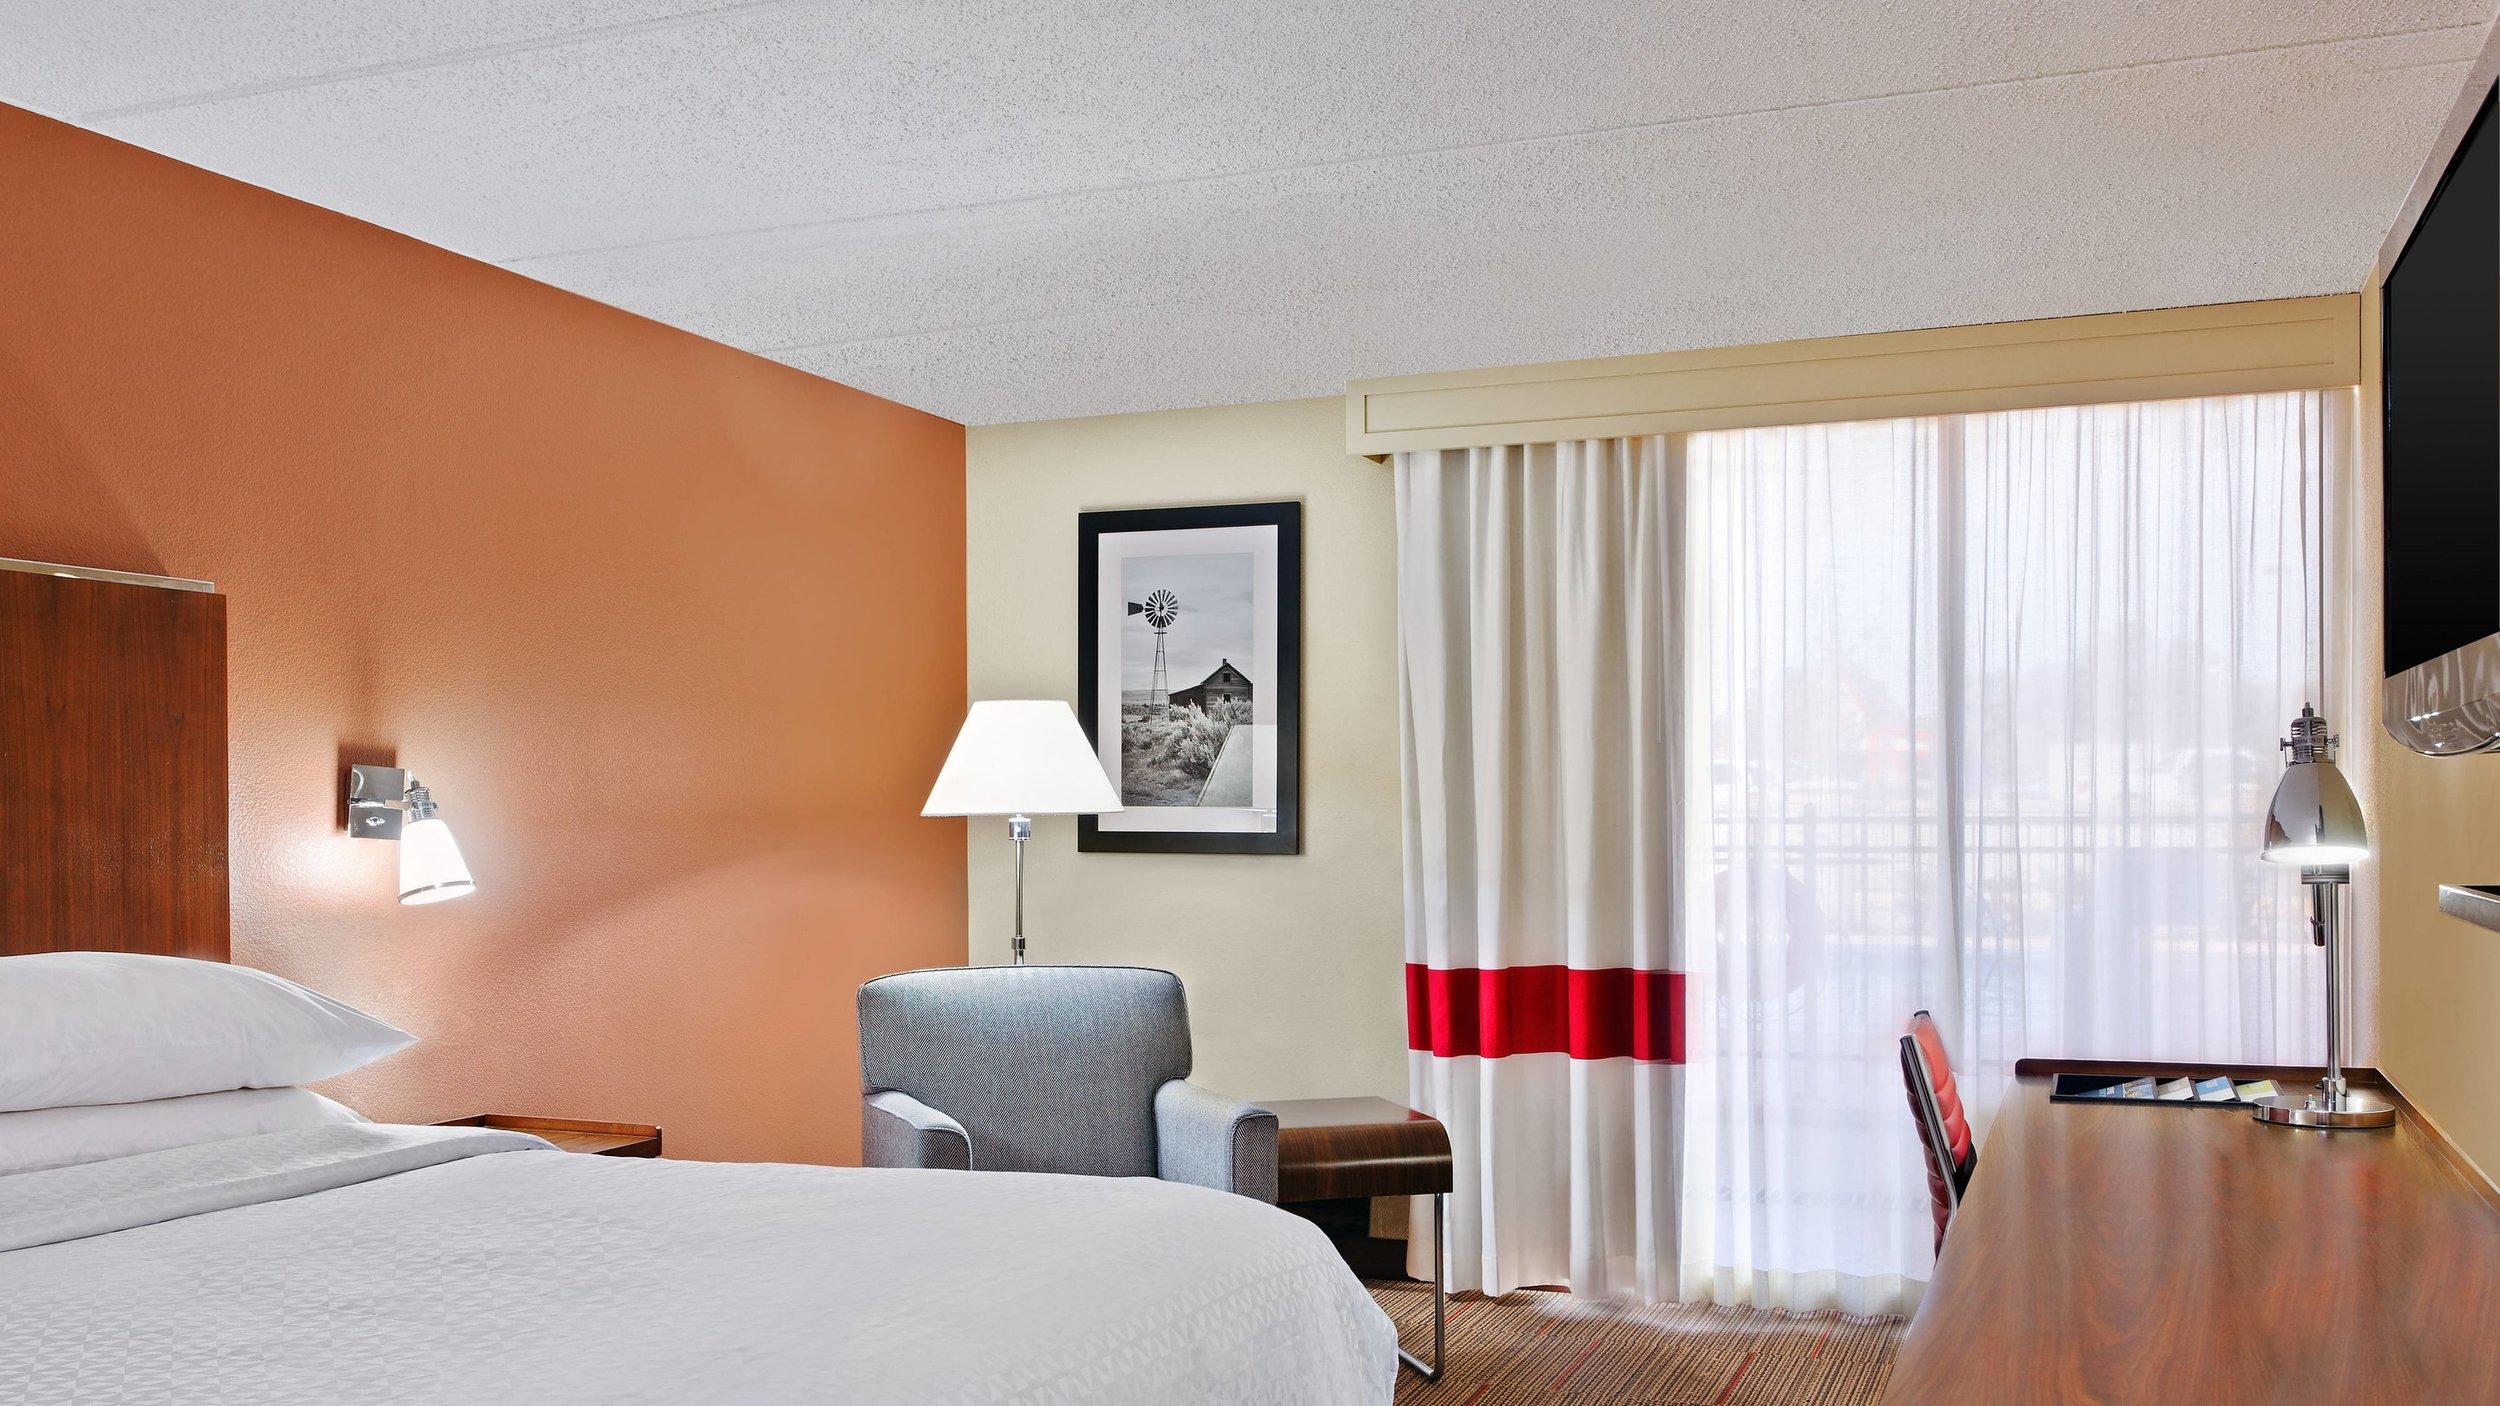 cllfp-guestroom-9667-hor-wide.jpg